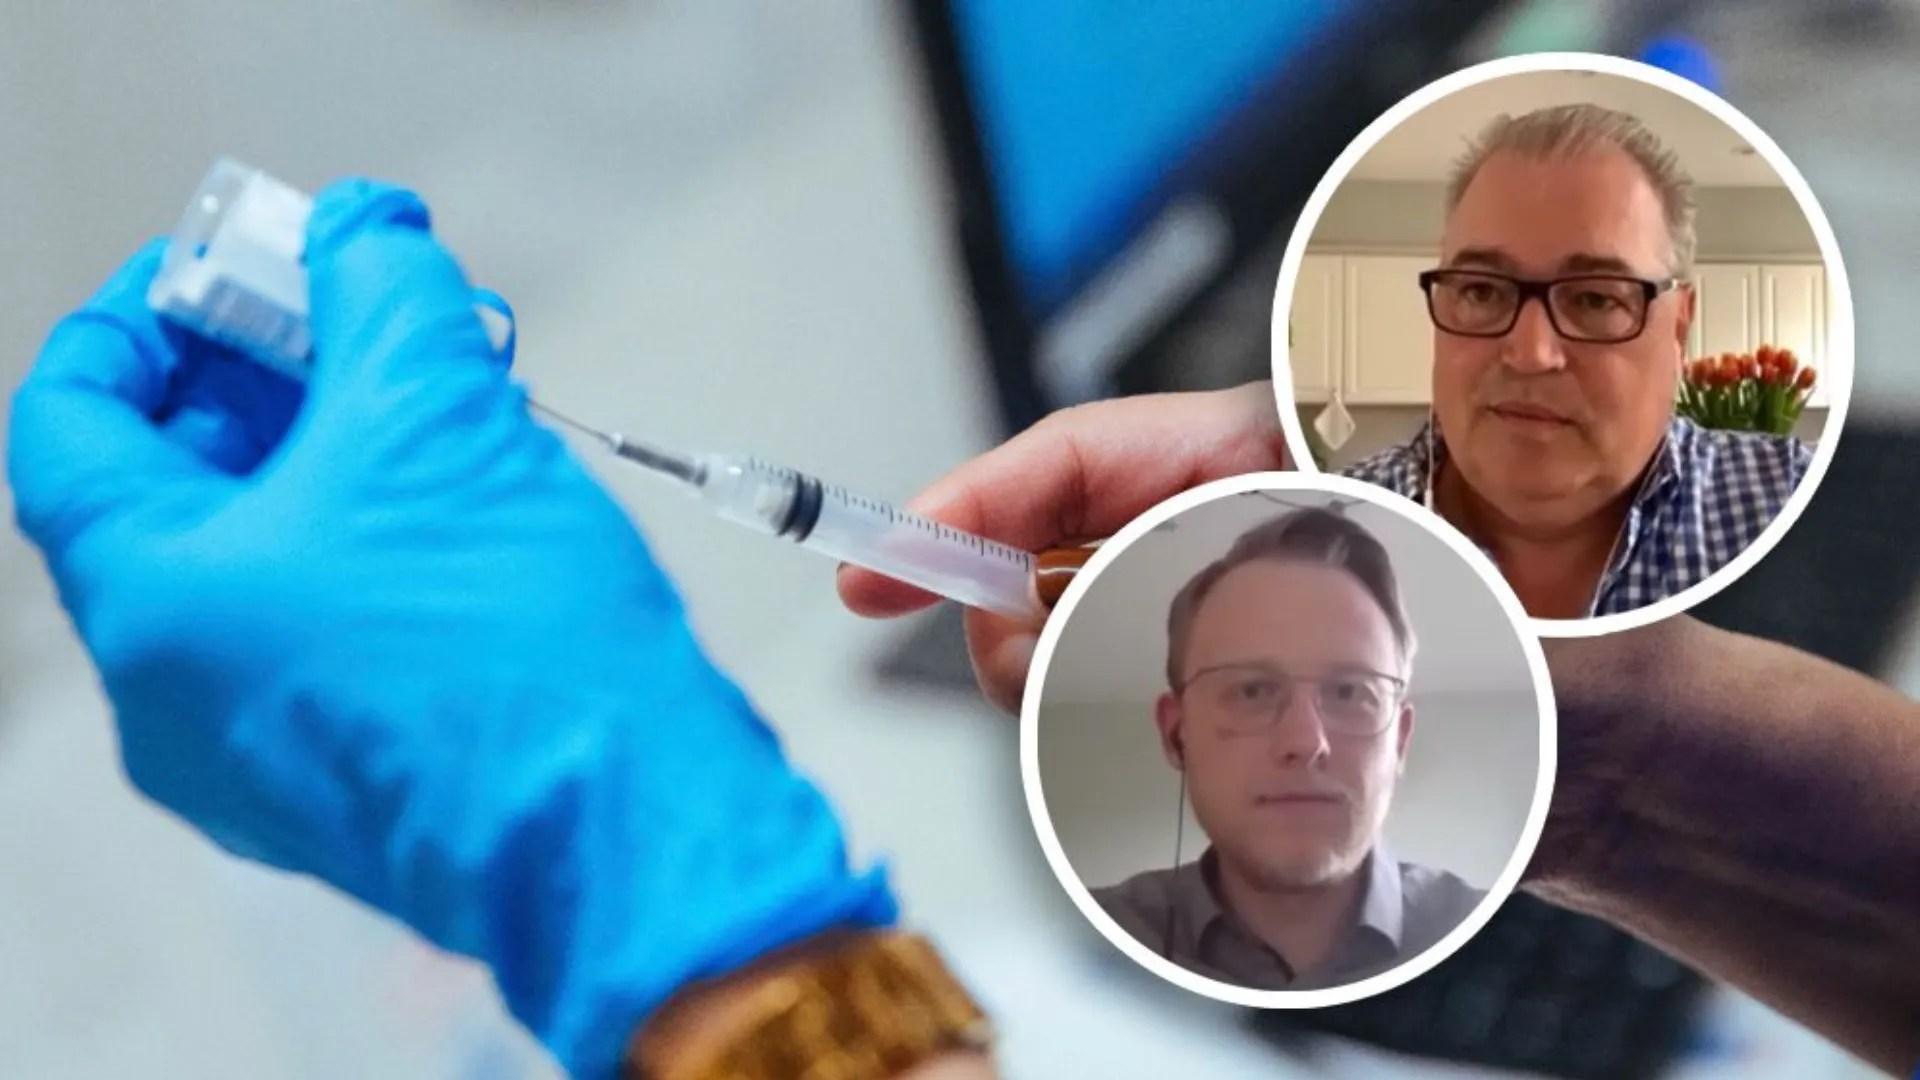 https www rnd de gesundheit corona impfstoff von astrazeneca ema will eiweissschocks als mogliche nebenwirkungen erganzen 7xafx7ajzzc4rce53evbbtsl7e html